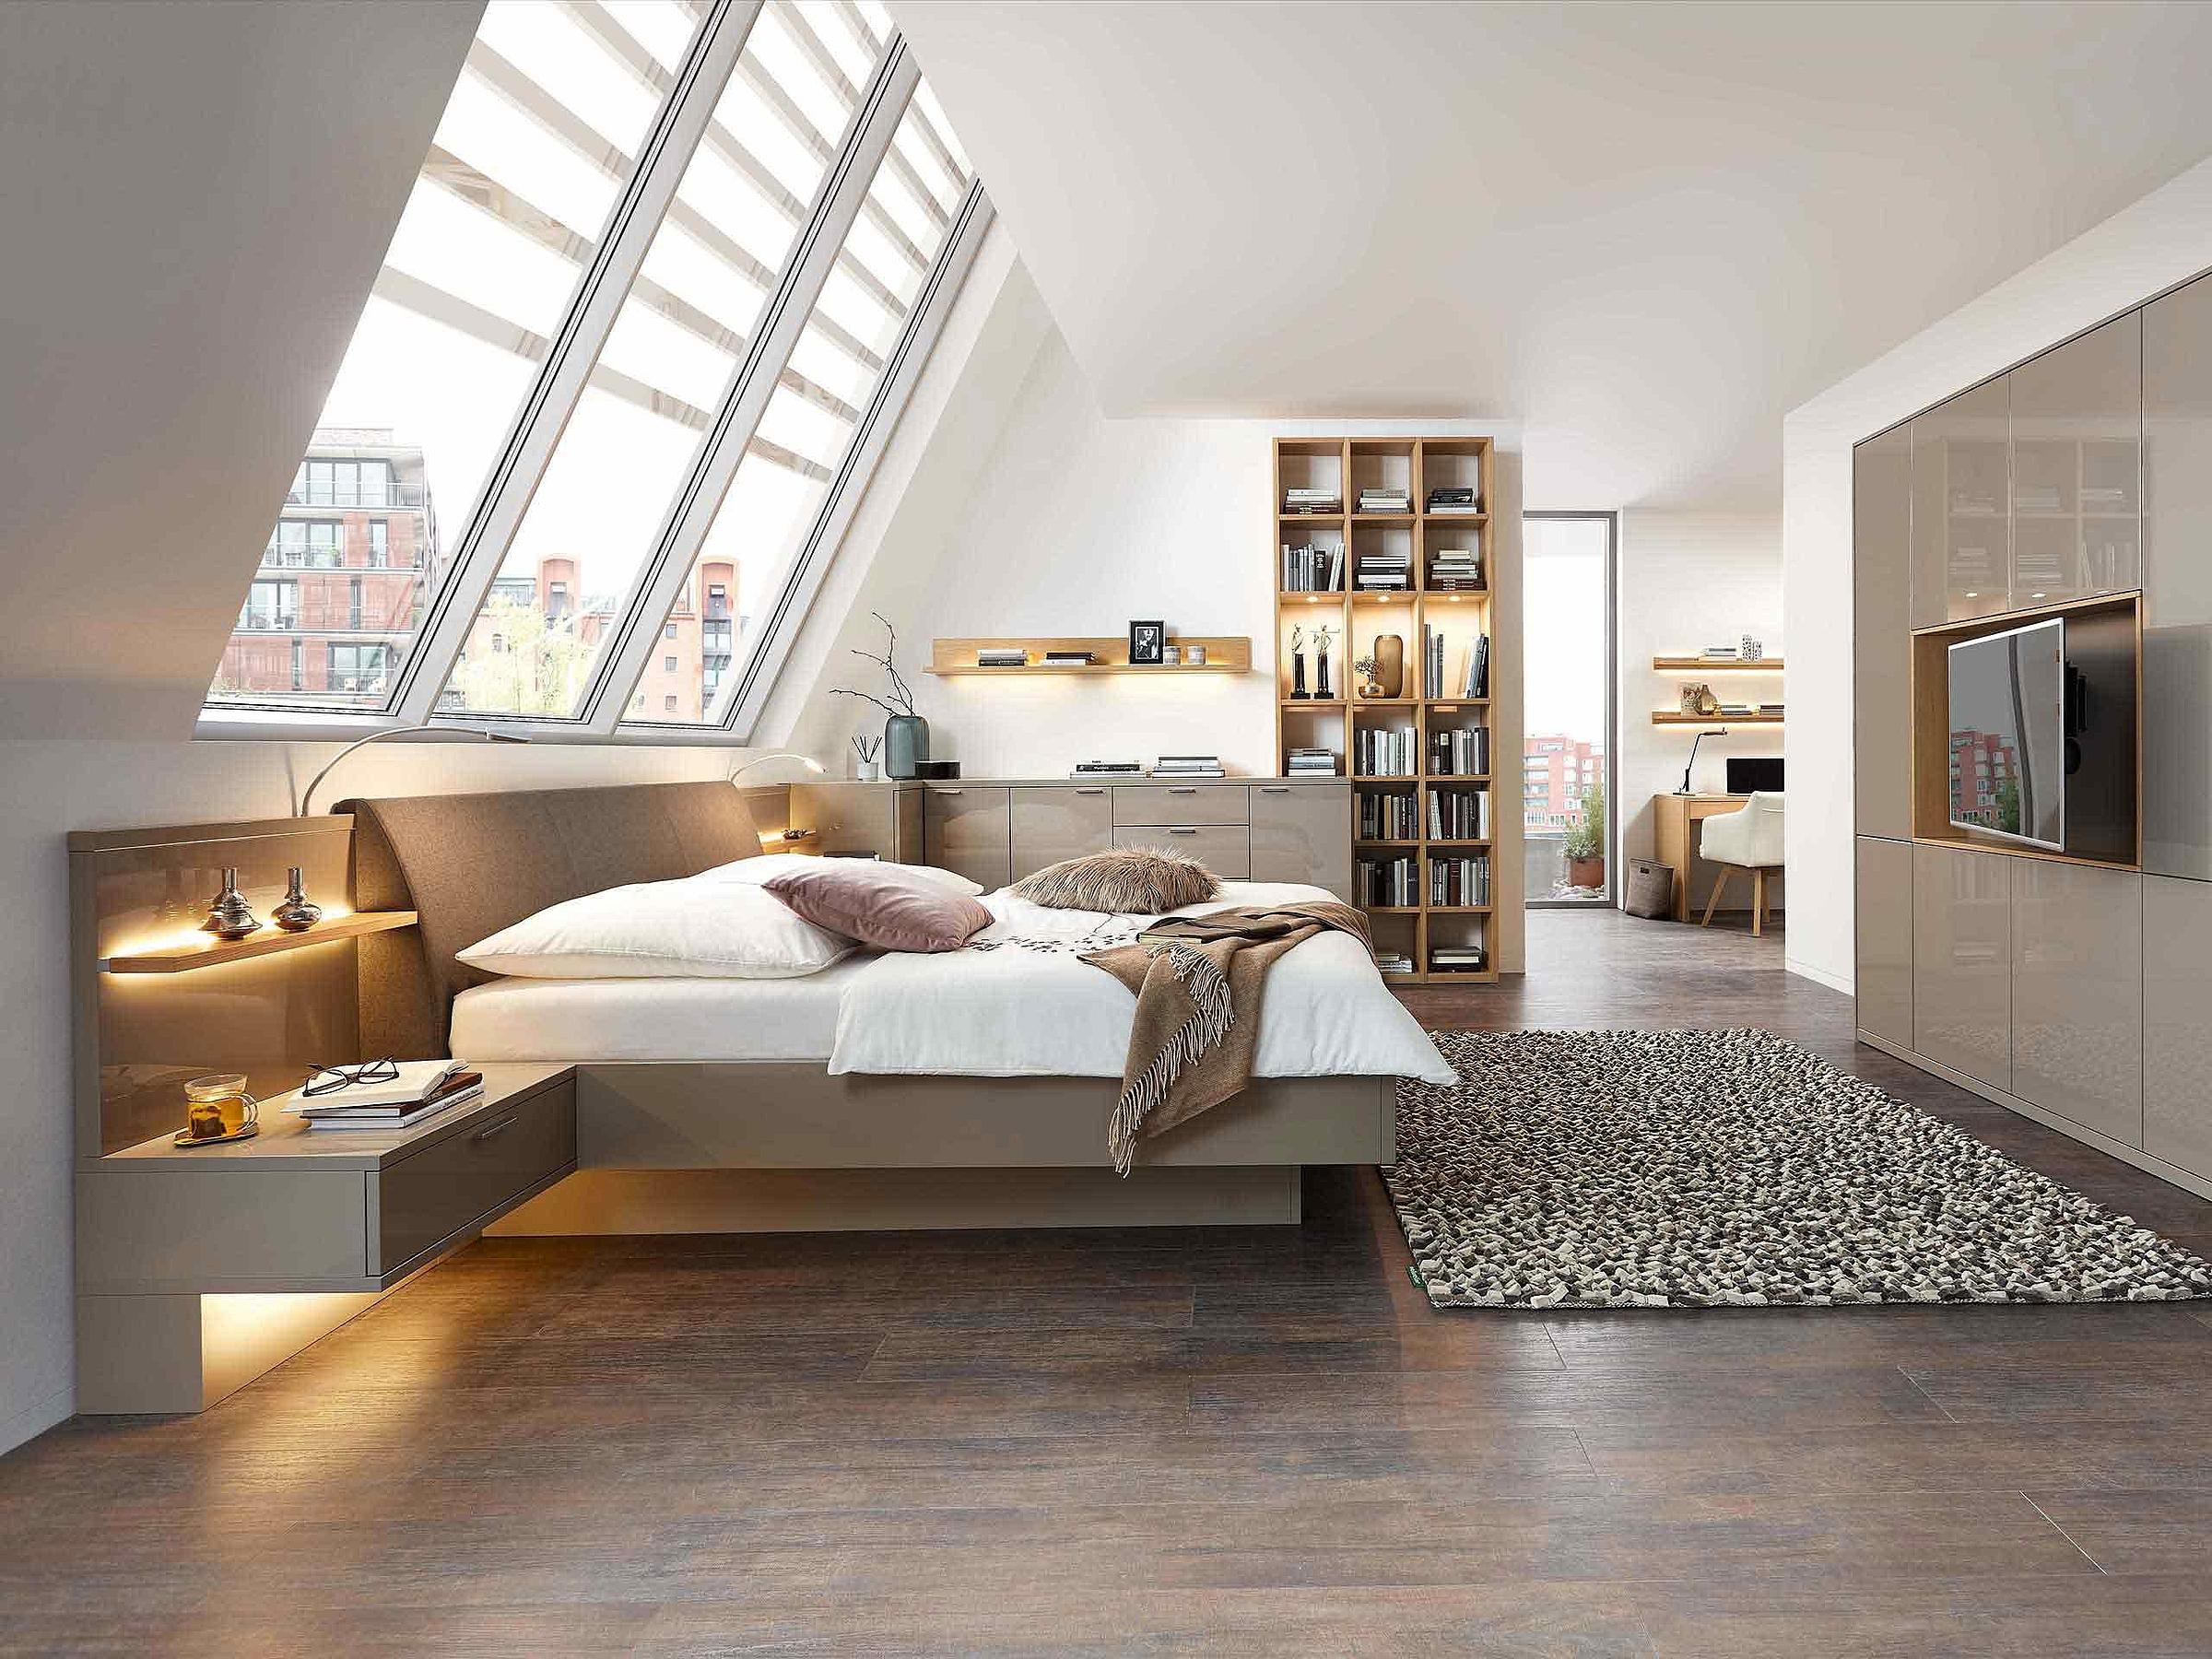 Bett Schlafzimmer Siena Eckkombination